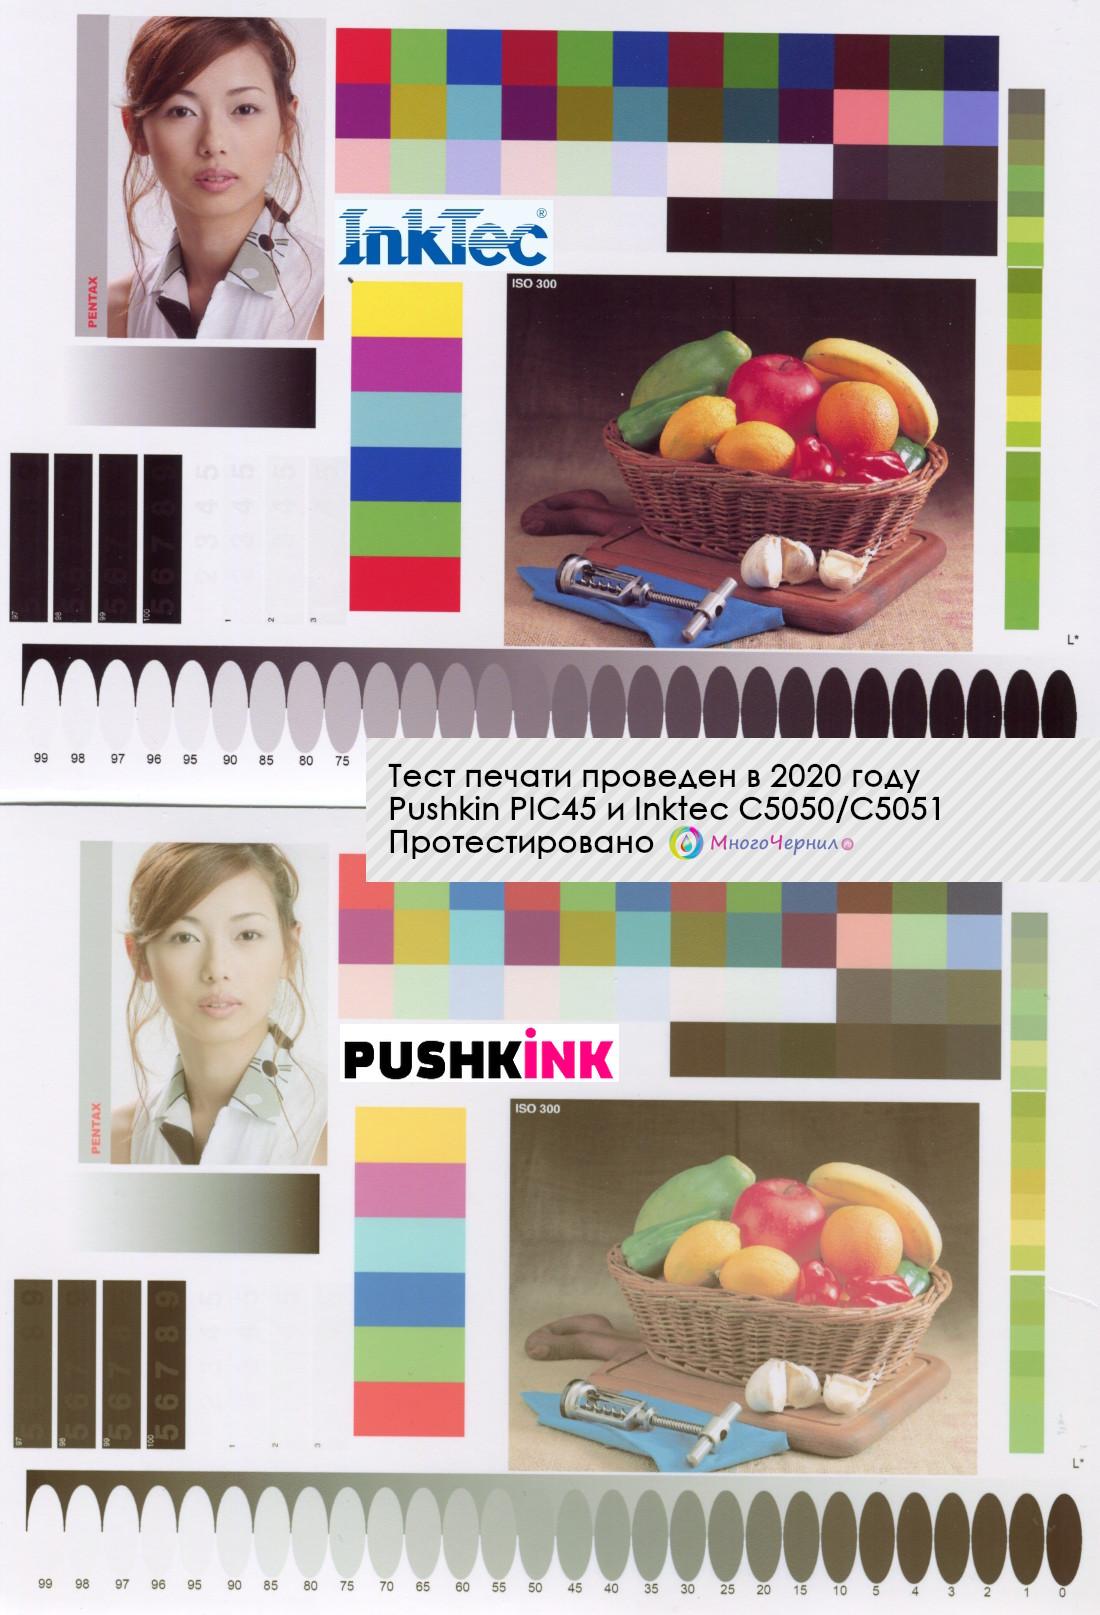 Сравнение печати чернилами Pushkink и Inktec на Canon Pixma